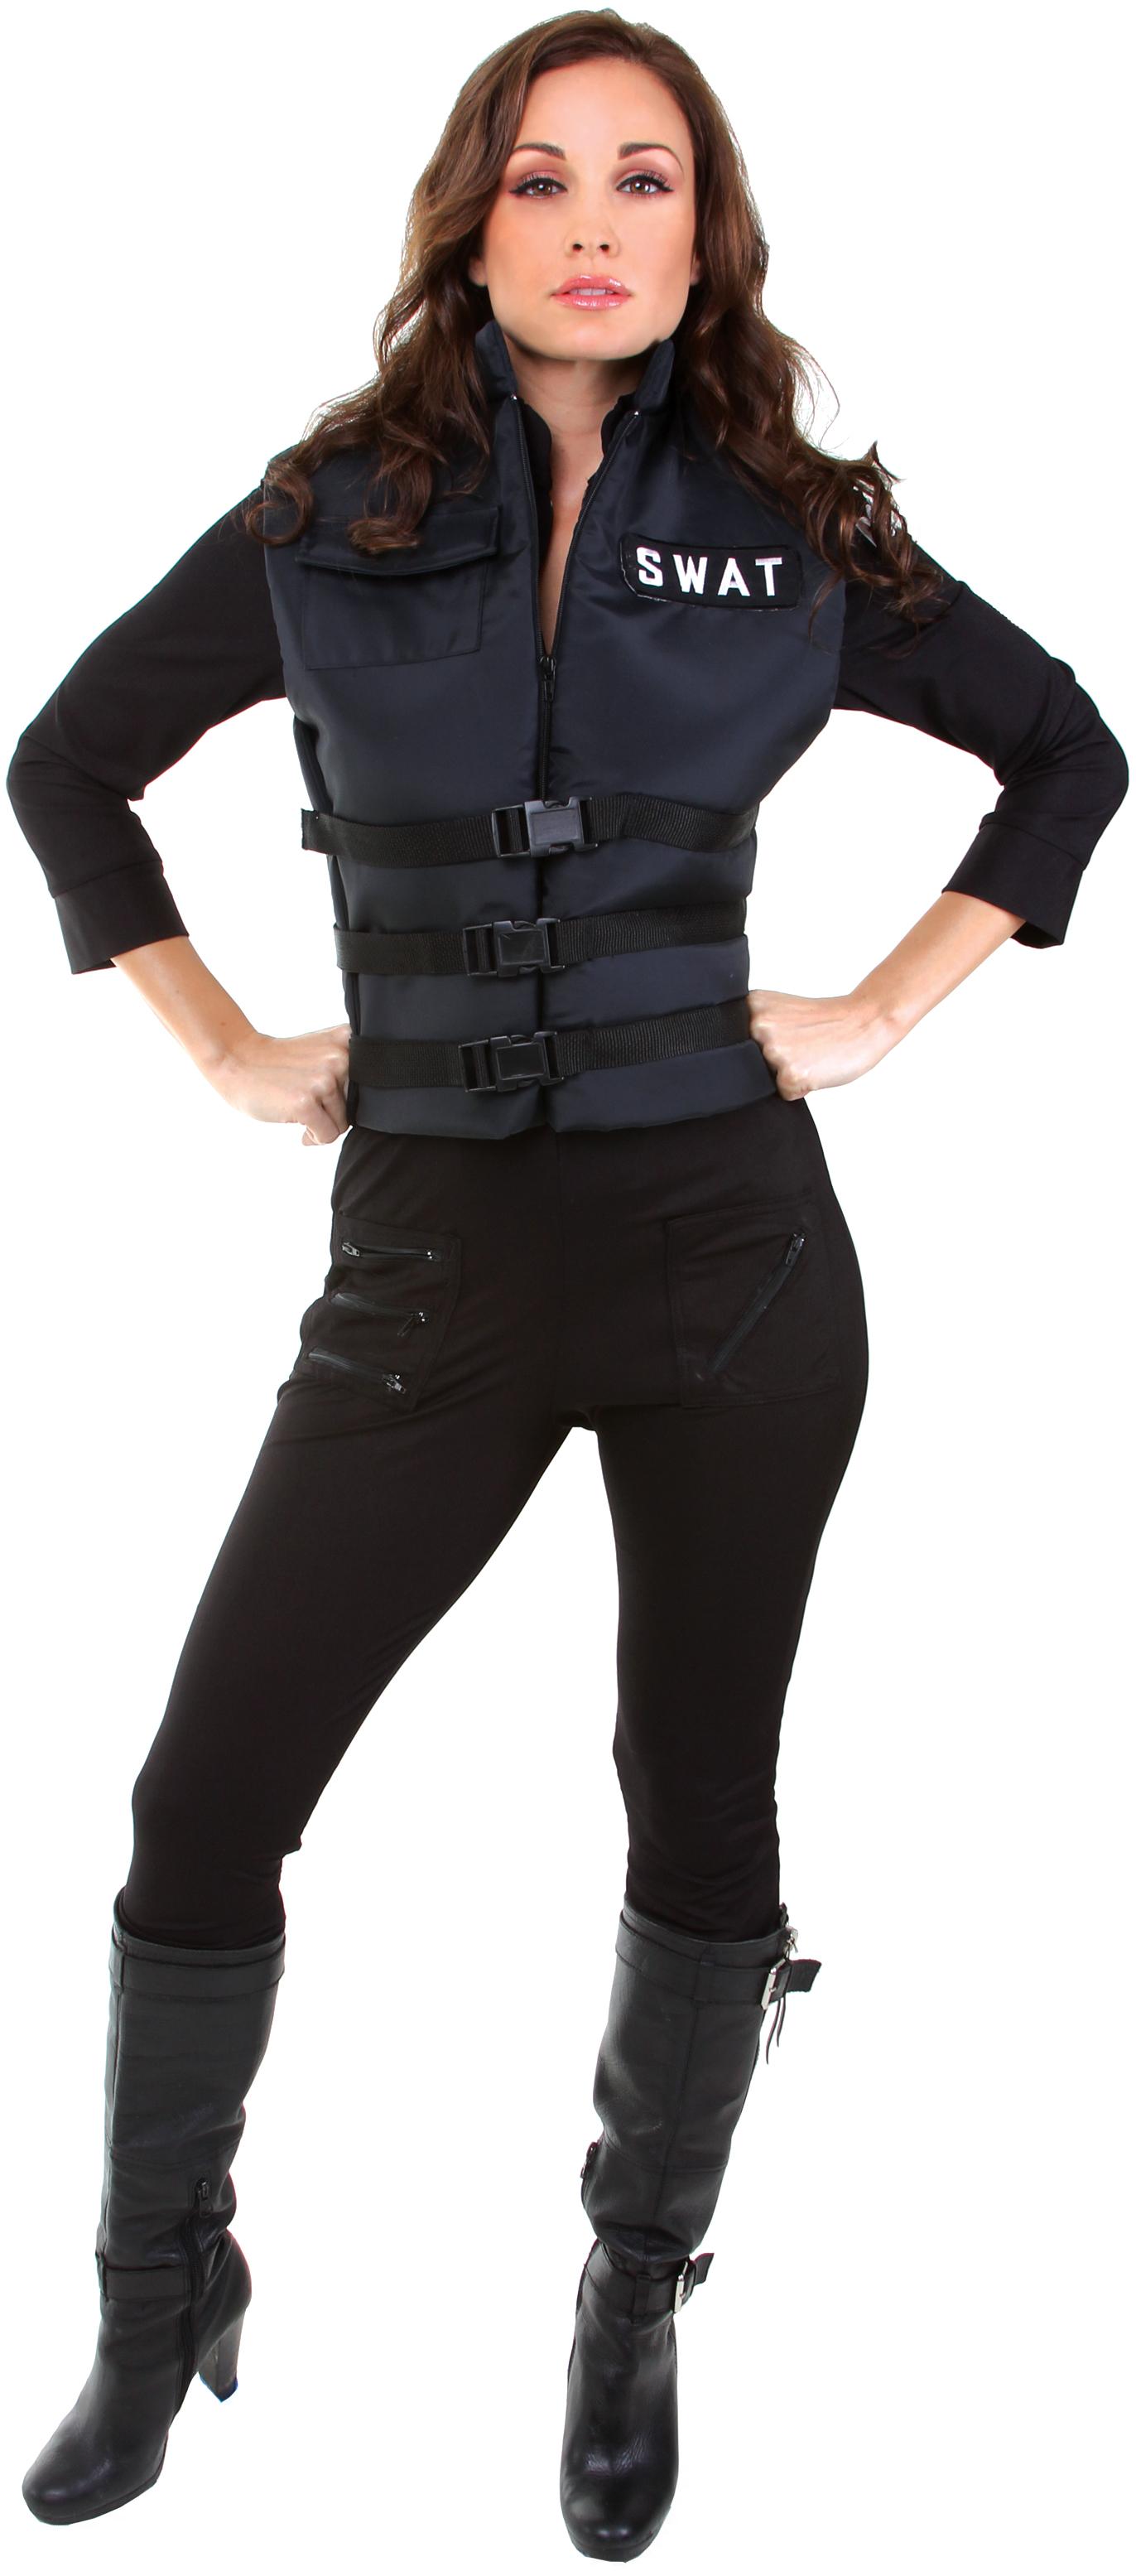 Teenage Girl Cop Halloween Costumes. Teen Cop Cutie Costume 999701 ...